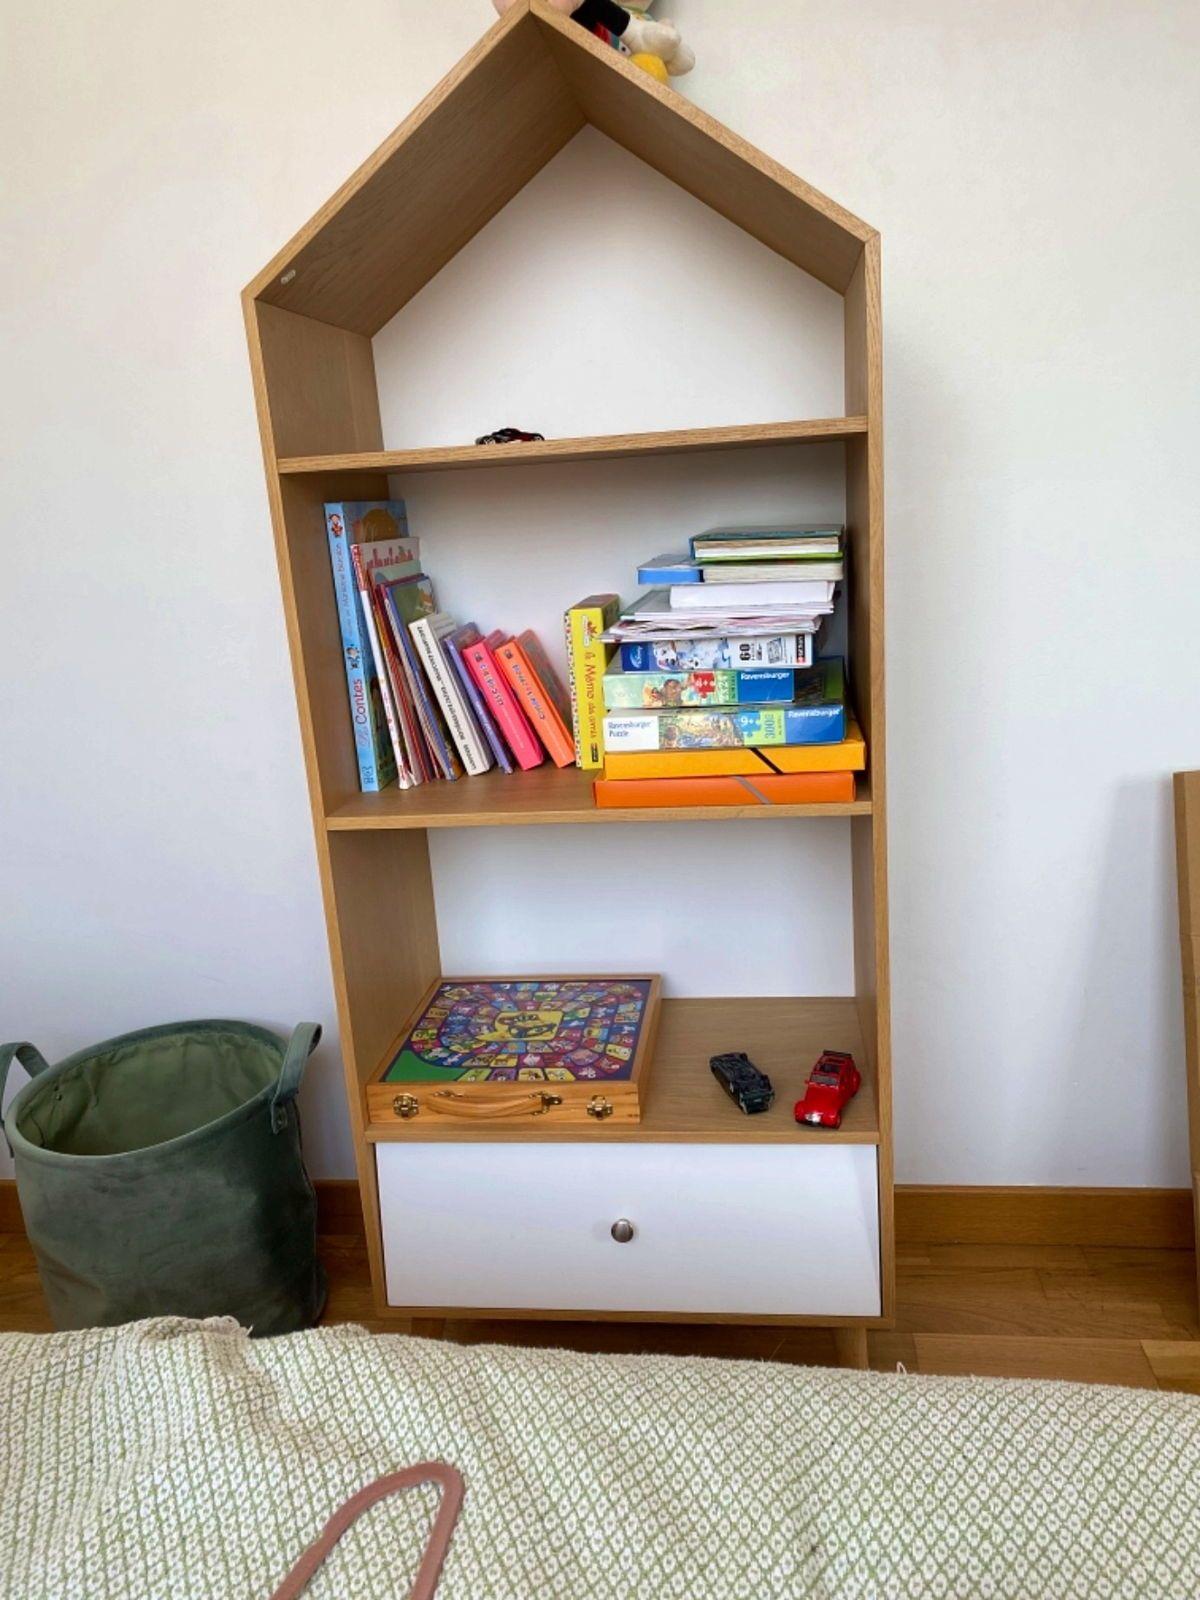 Vends très jolie petite armoire à jeux en forme de maison/ch. Enfants